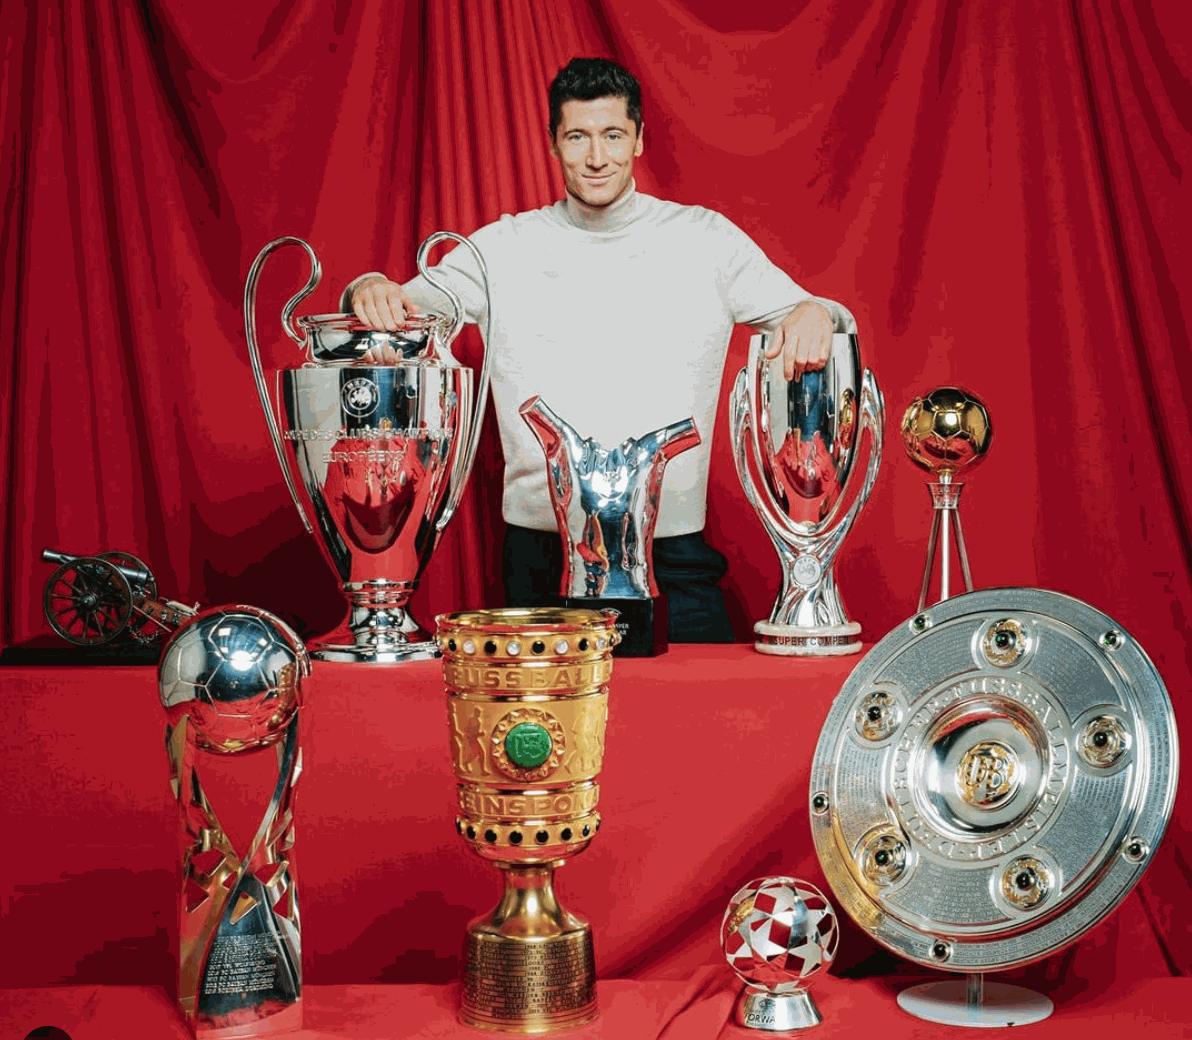 Lewandowski e os troféus individuais e coletivos de 2020 - Divulgação / Bayern de Munique